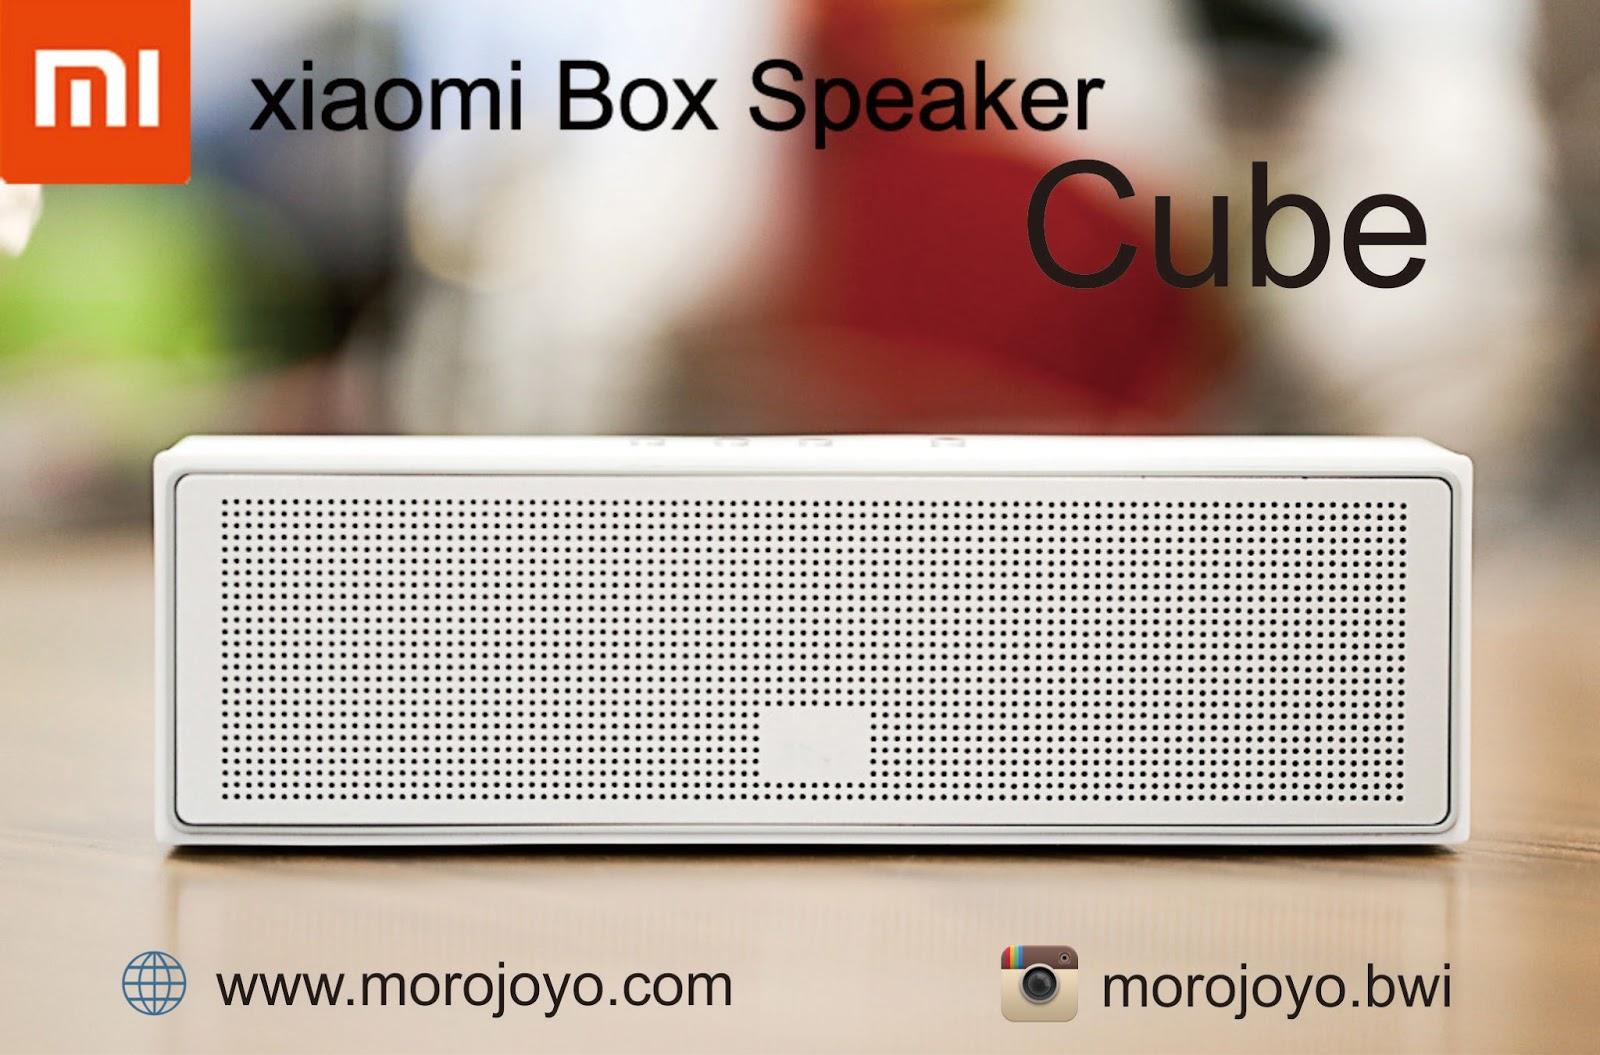 Moro Joyo Cool Gadget Store Mei 2016 Xiaomi Bluetooth Speaker Cube Original Banyuwangi